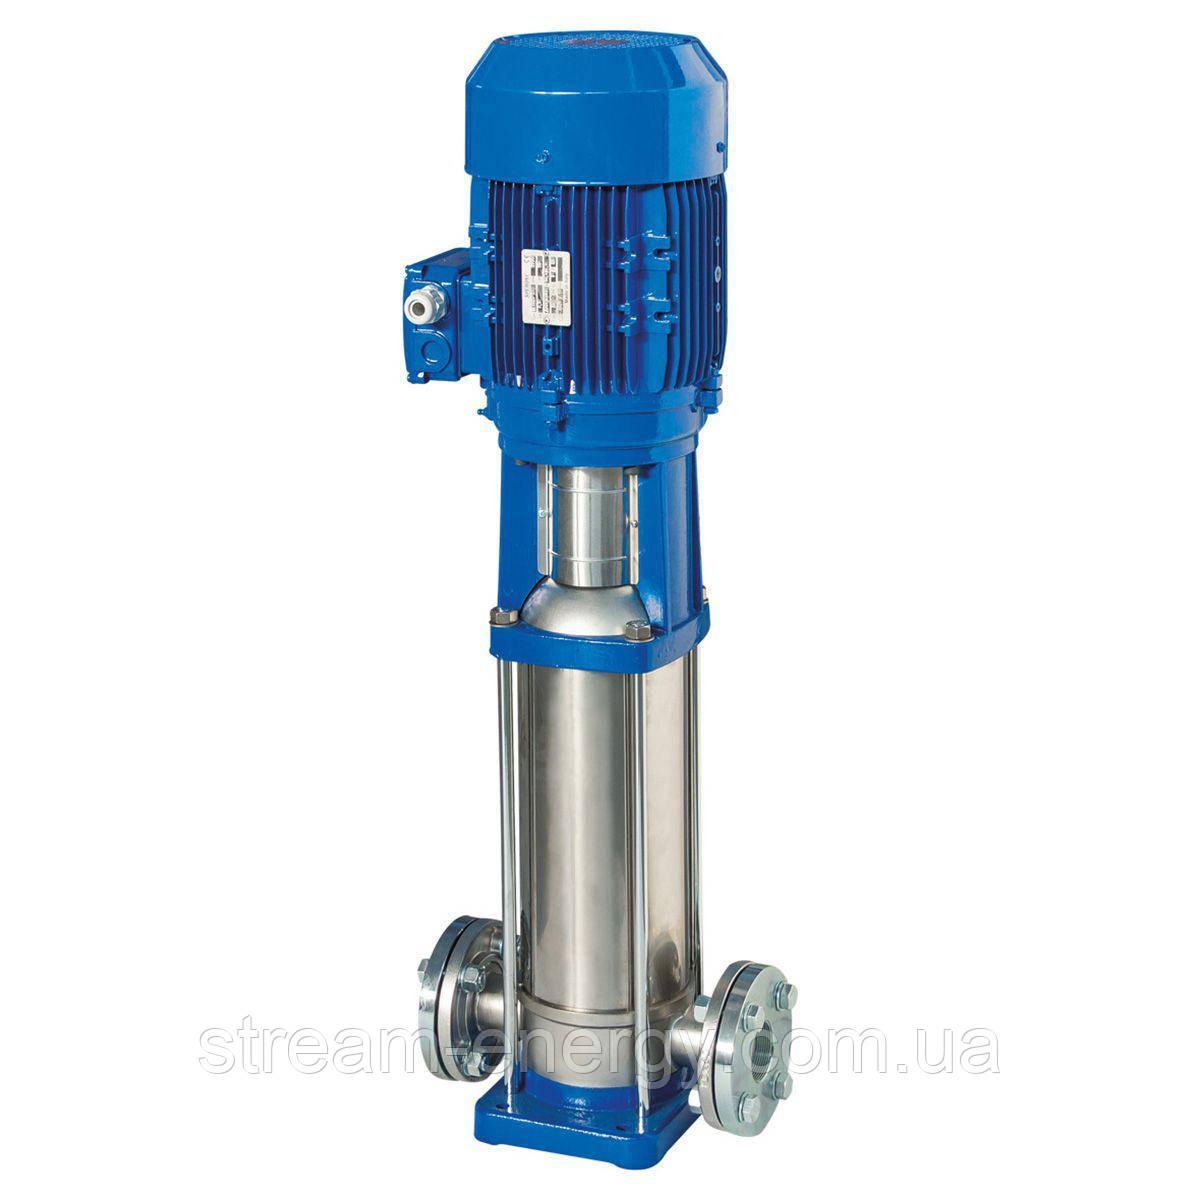 Вертикальный насос для воды Speroni VS 16-12, напор 166м